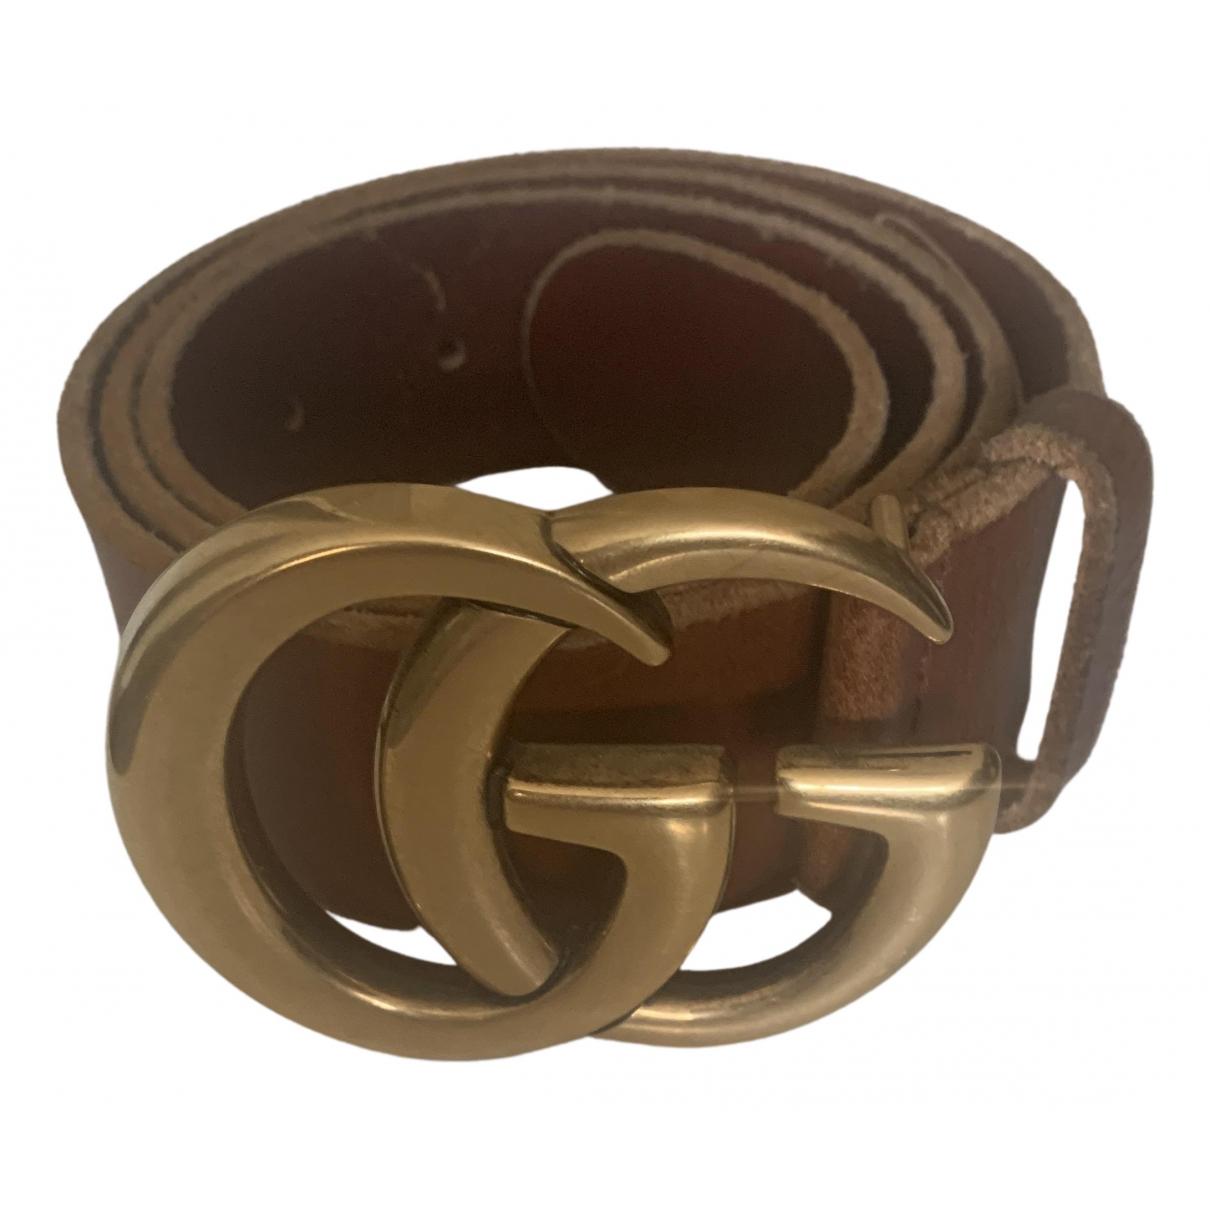 Gucci - Ceinture GG Buckle pour femme en cuir - marron